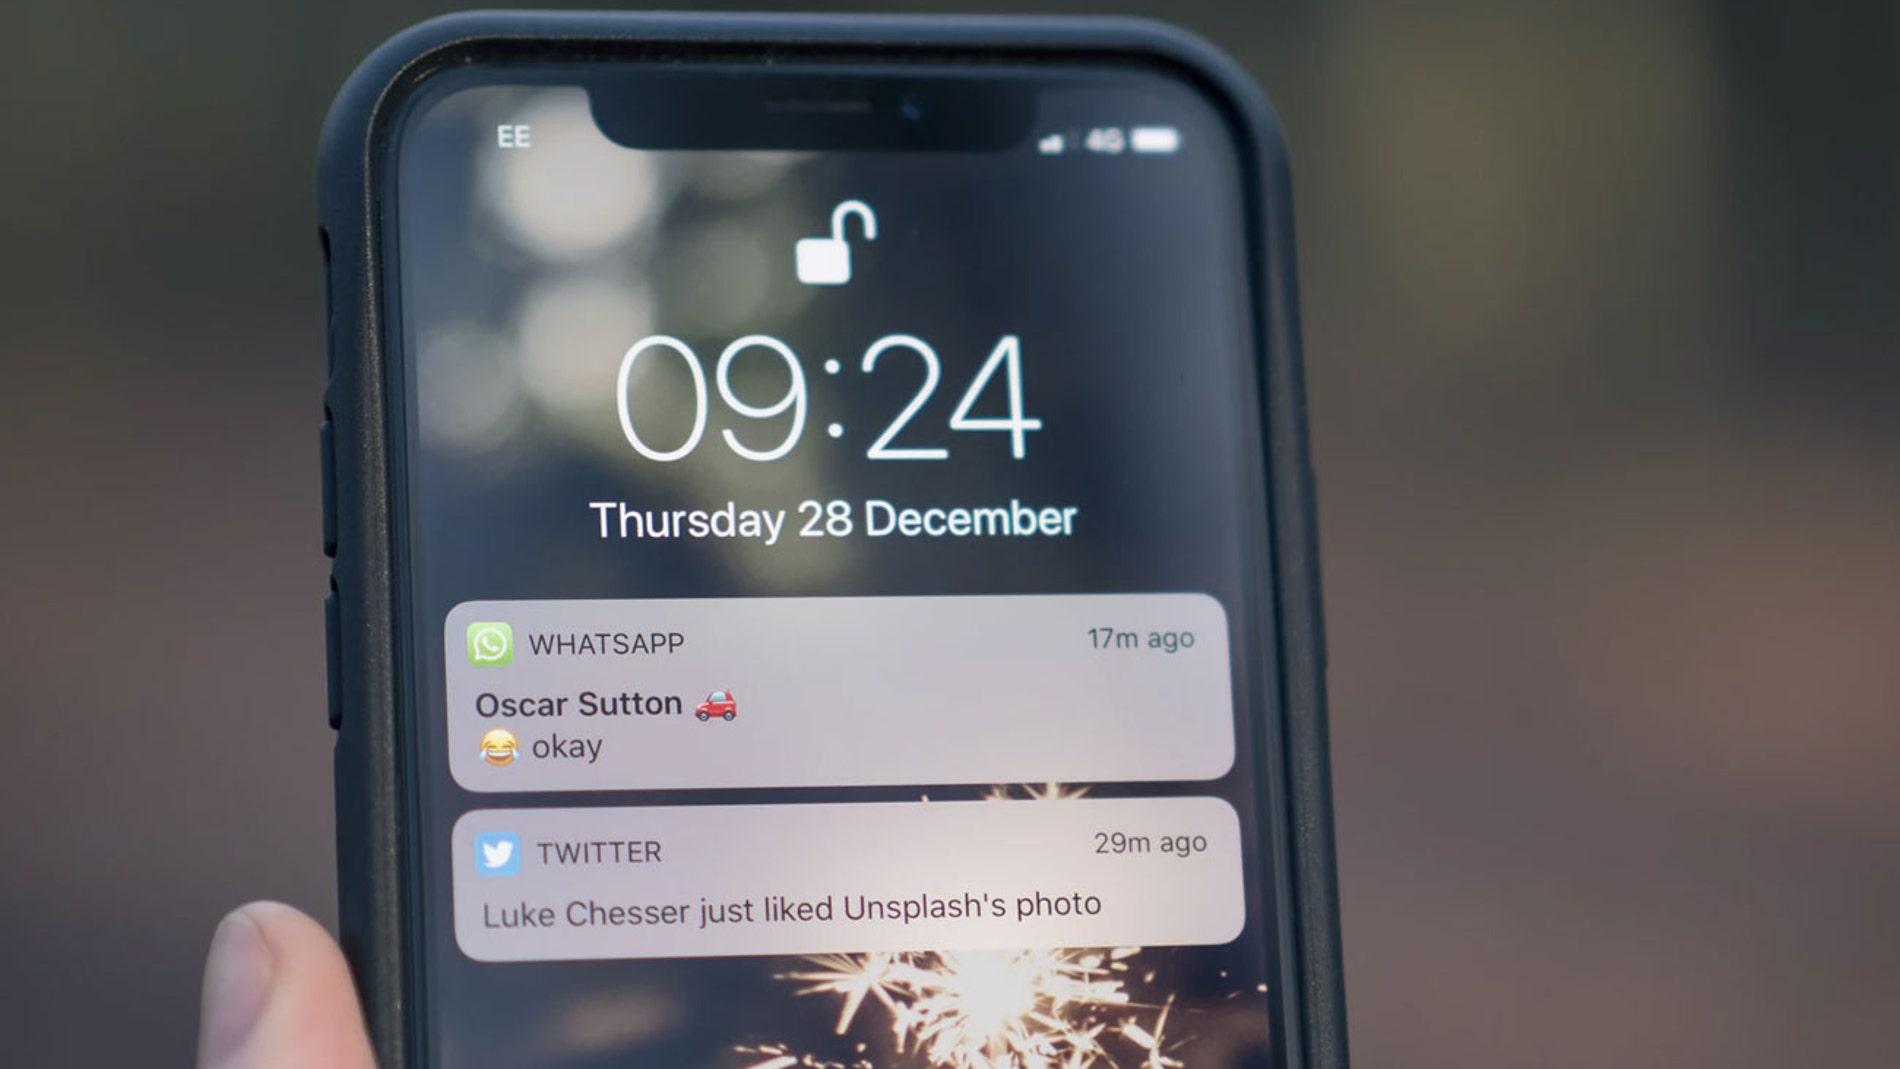 Pantalla de iPhone con notificaciones de WhatsApp